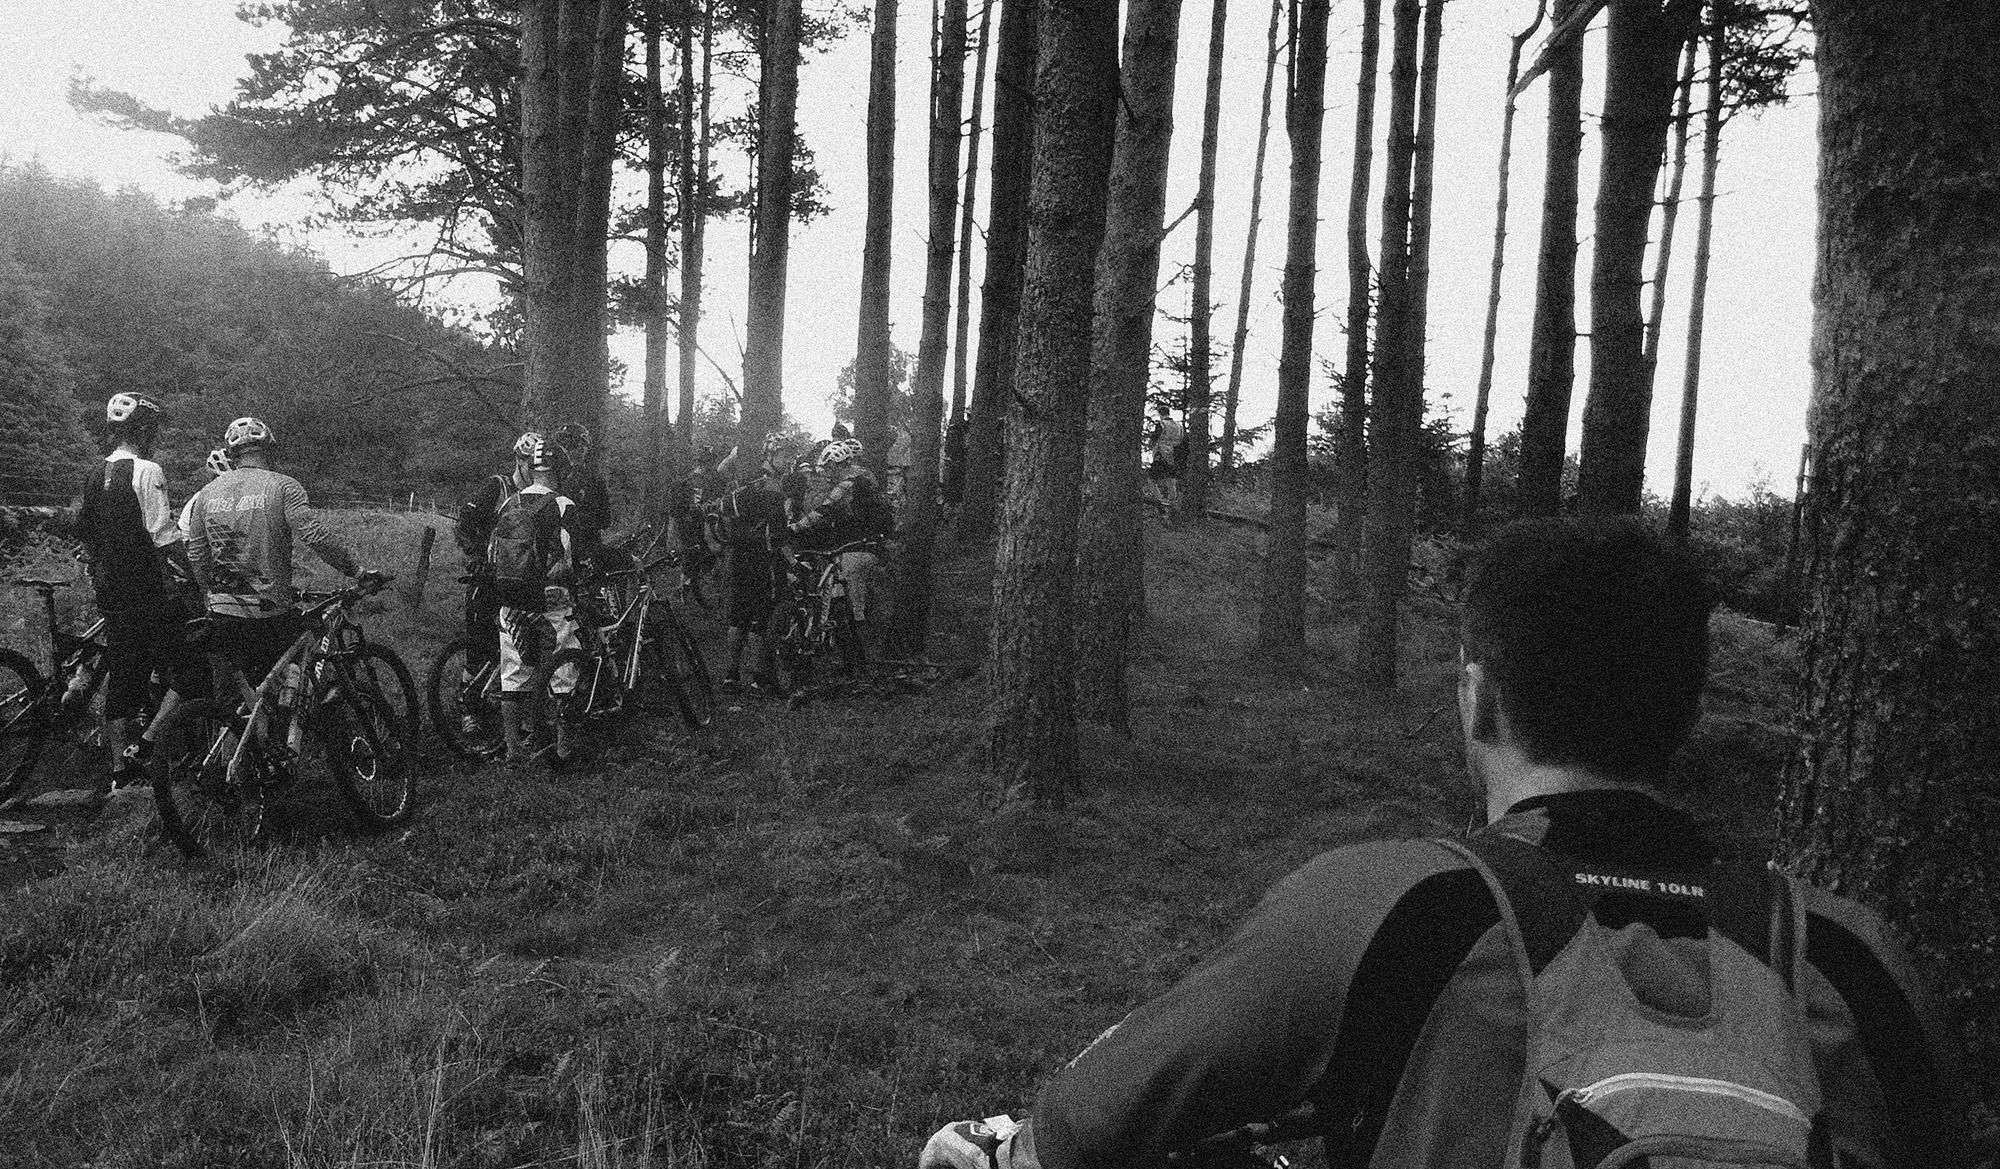 Stage 2 Enduro Comrie croft scotland